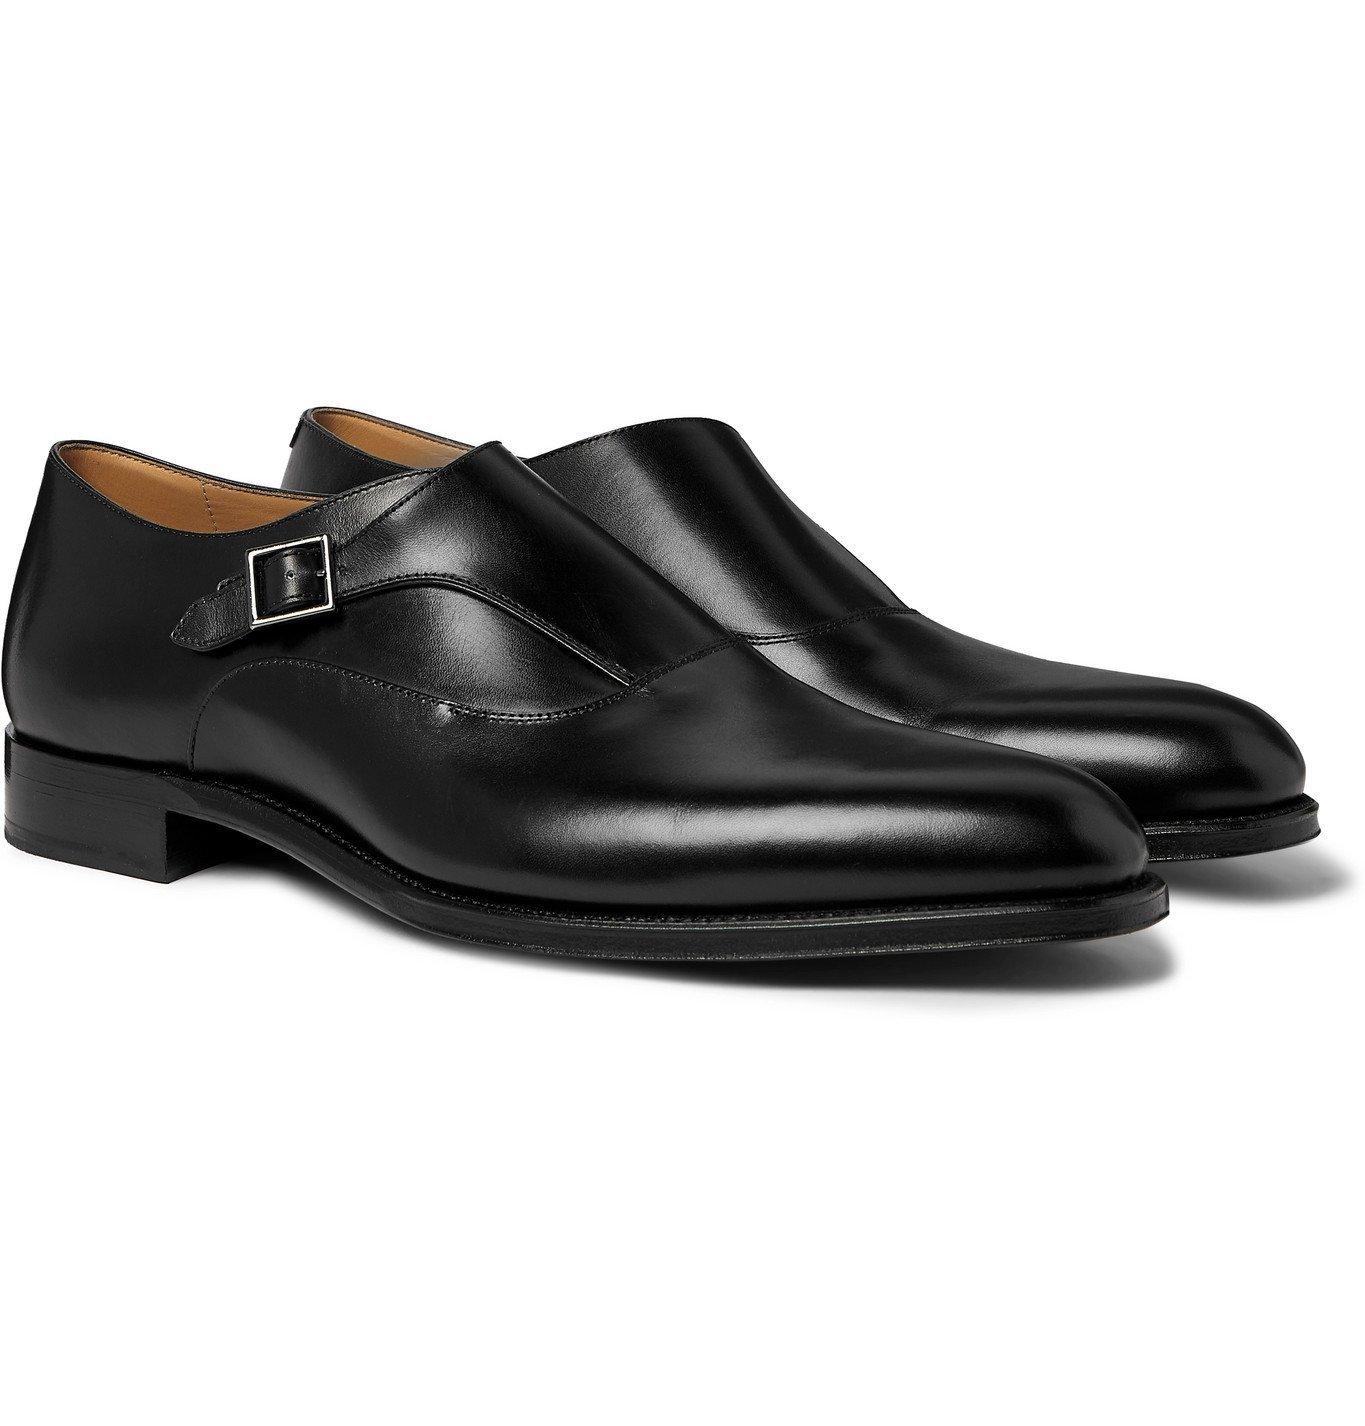 Dunhill - Kensington Leather Monk-Strap Shoes - Black